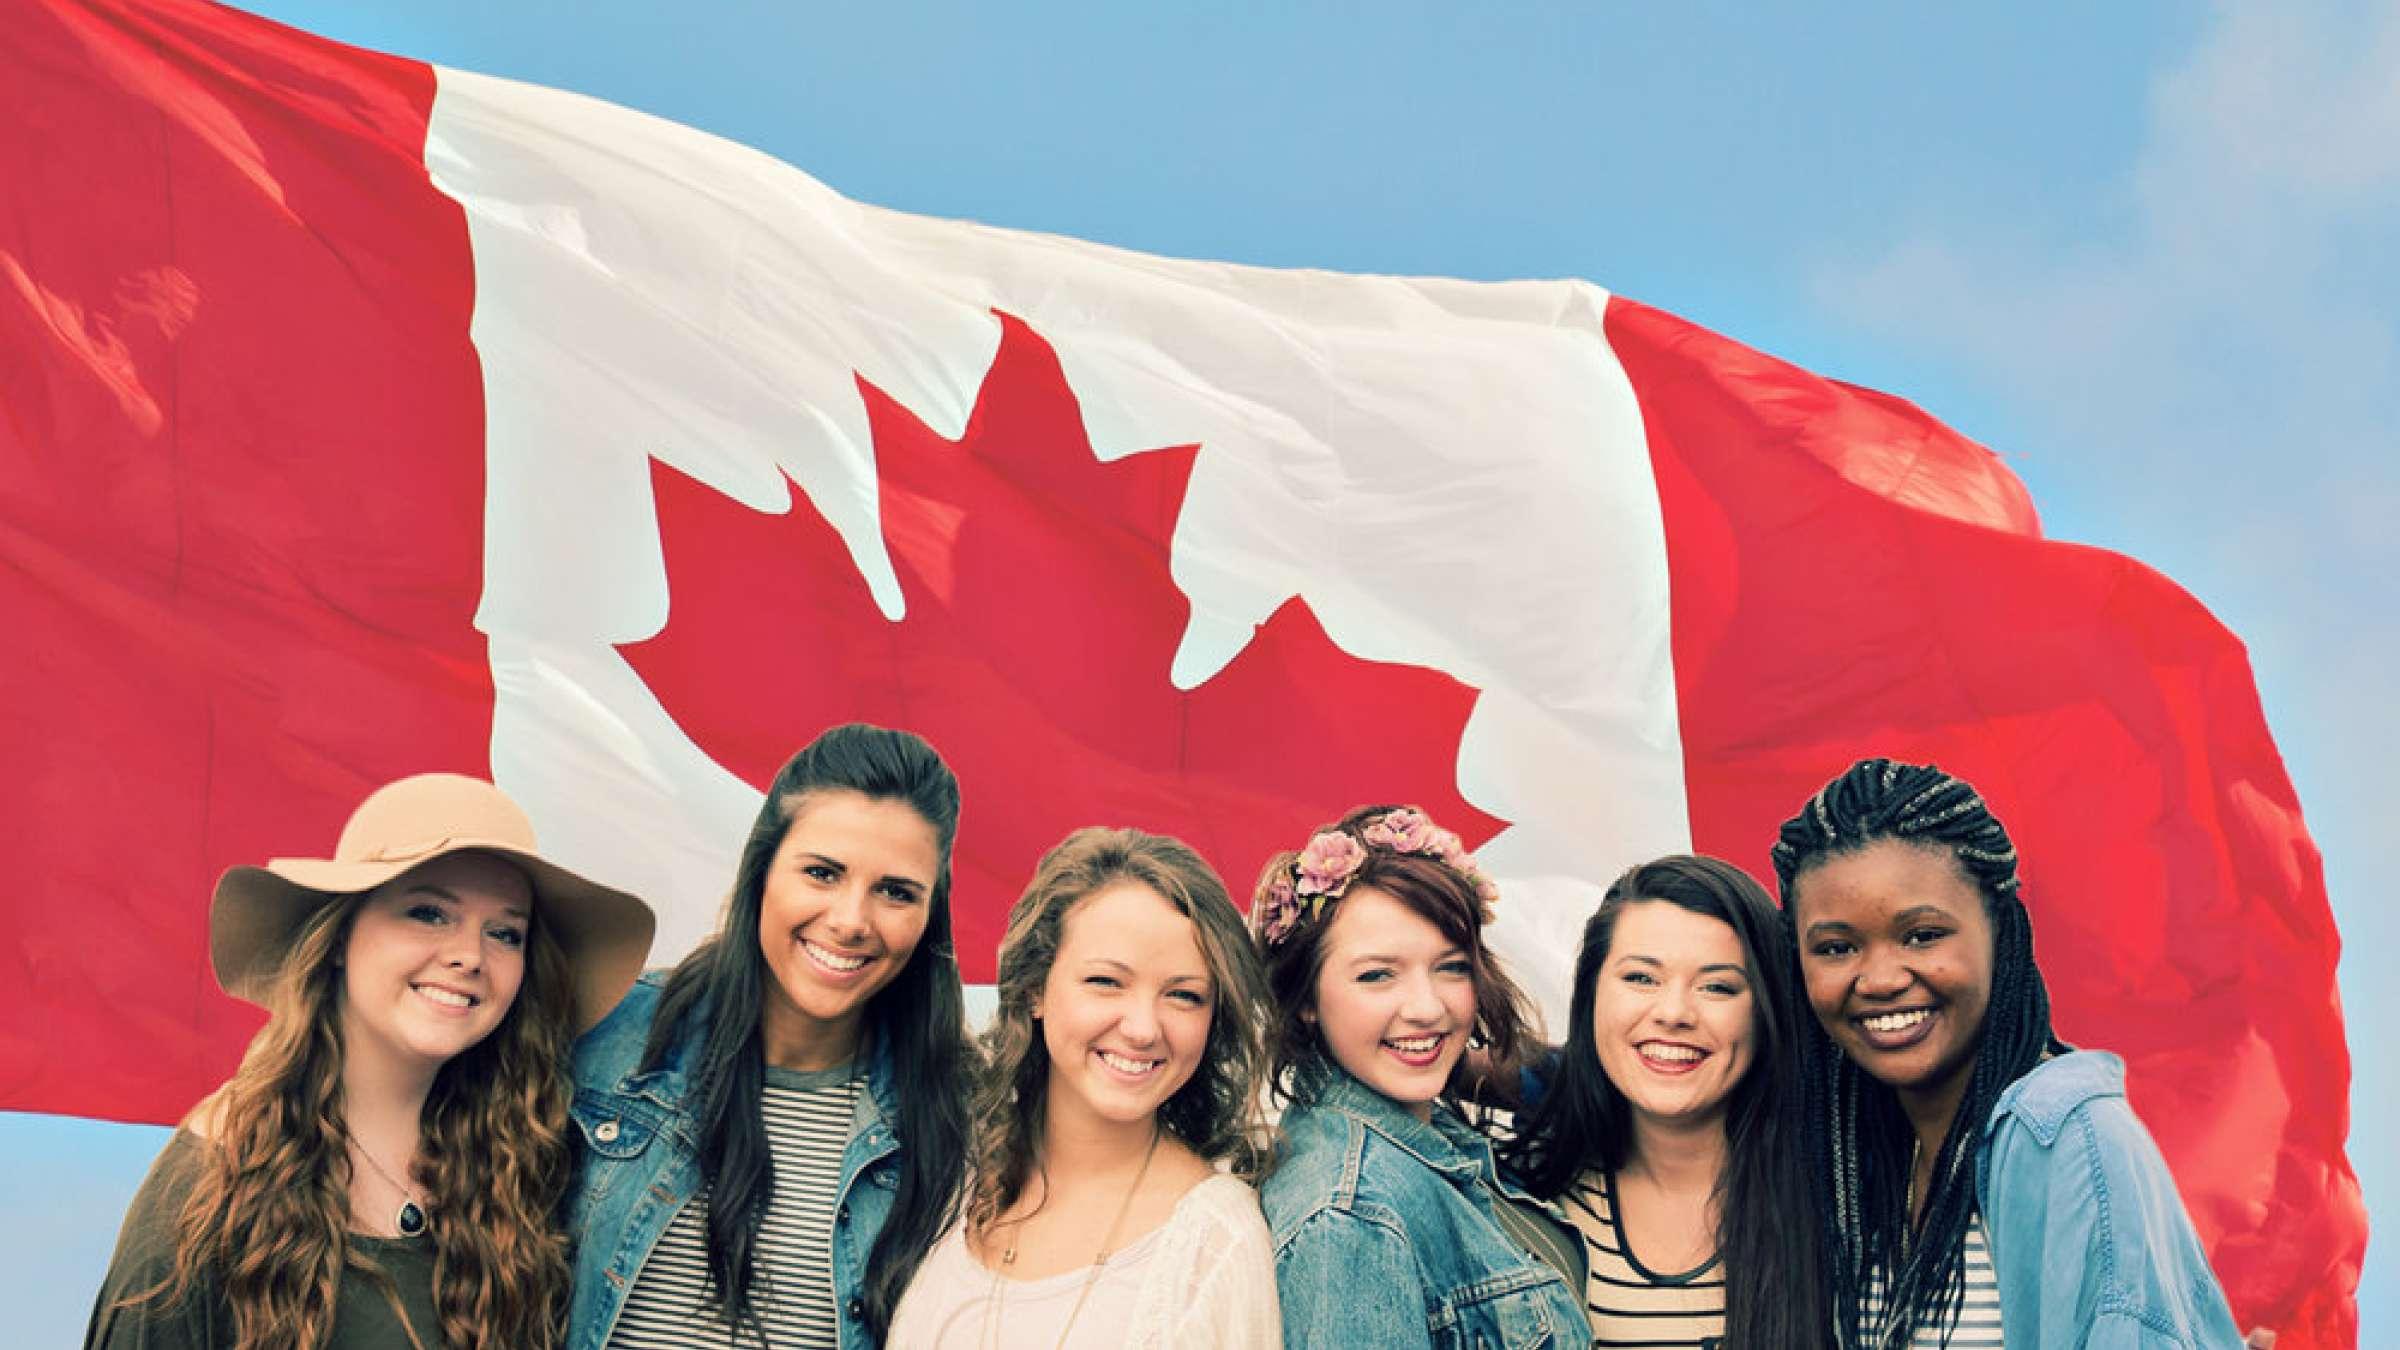 آسیب-گسترده-اشتغال-زنان-کانادایی-در-دوران-کرونا-انتقاد-از-برنامه-دولت-ترودو-برای-بازگرداندن-زنان-به- چرخه-اشتغال